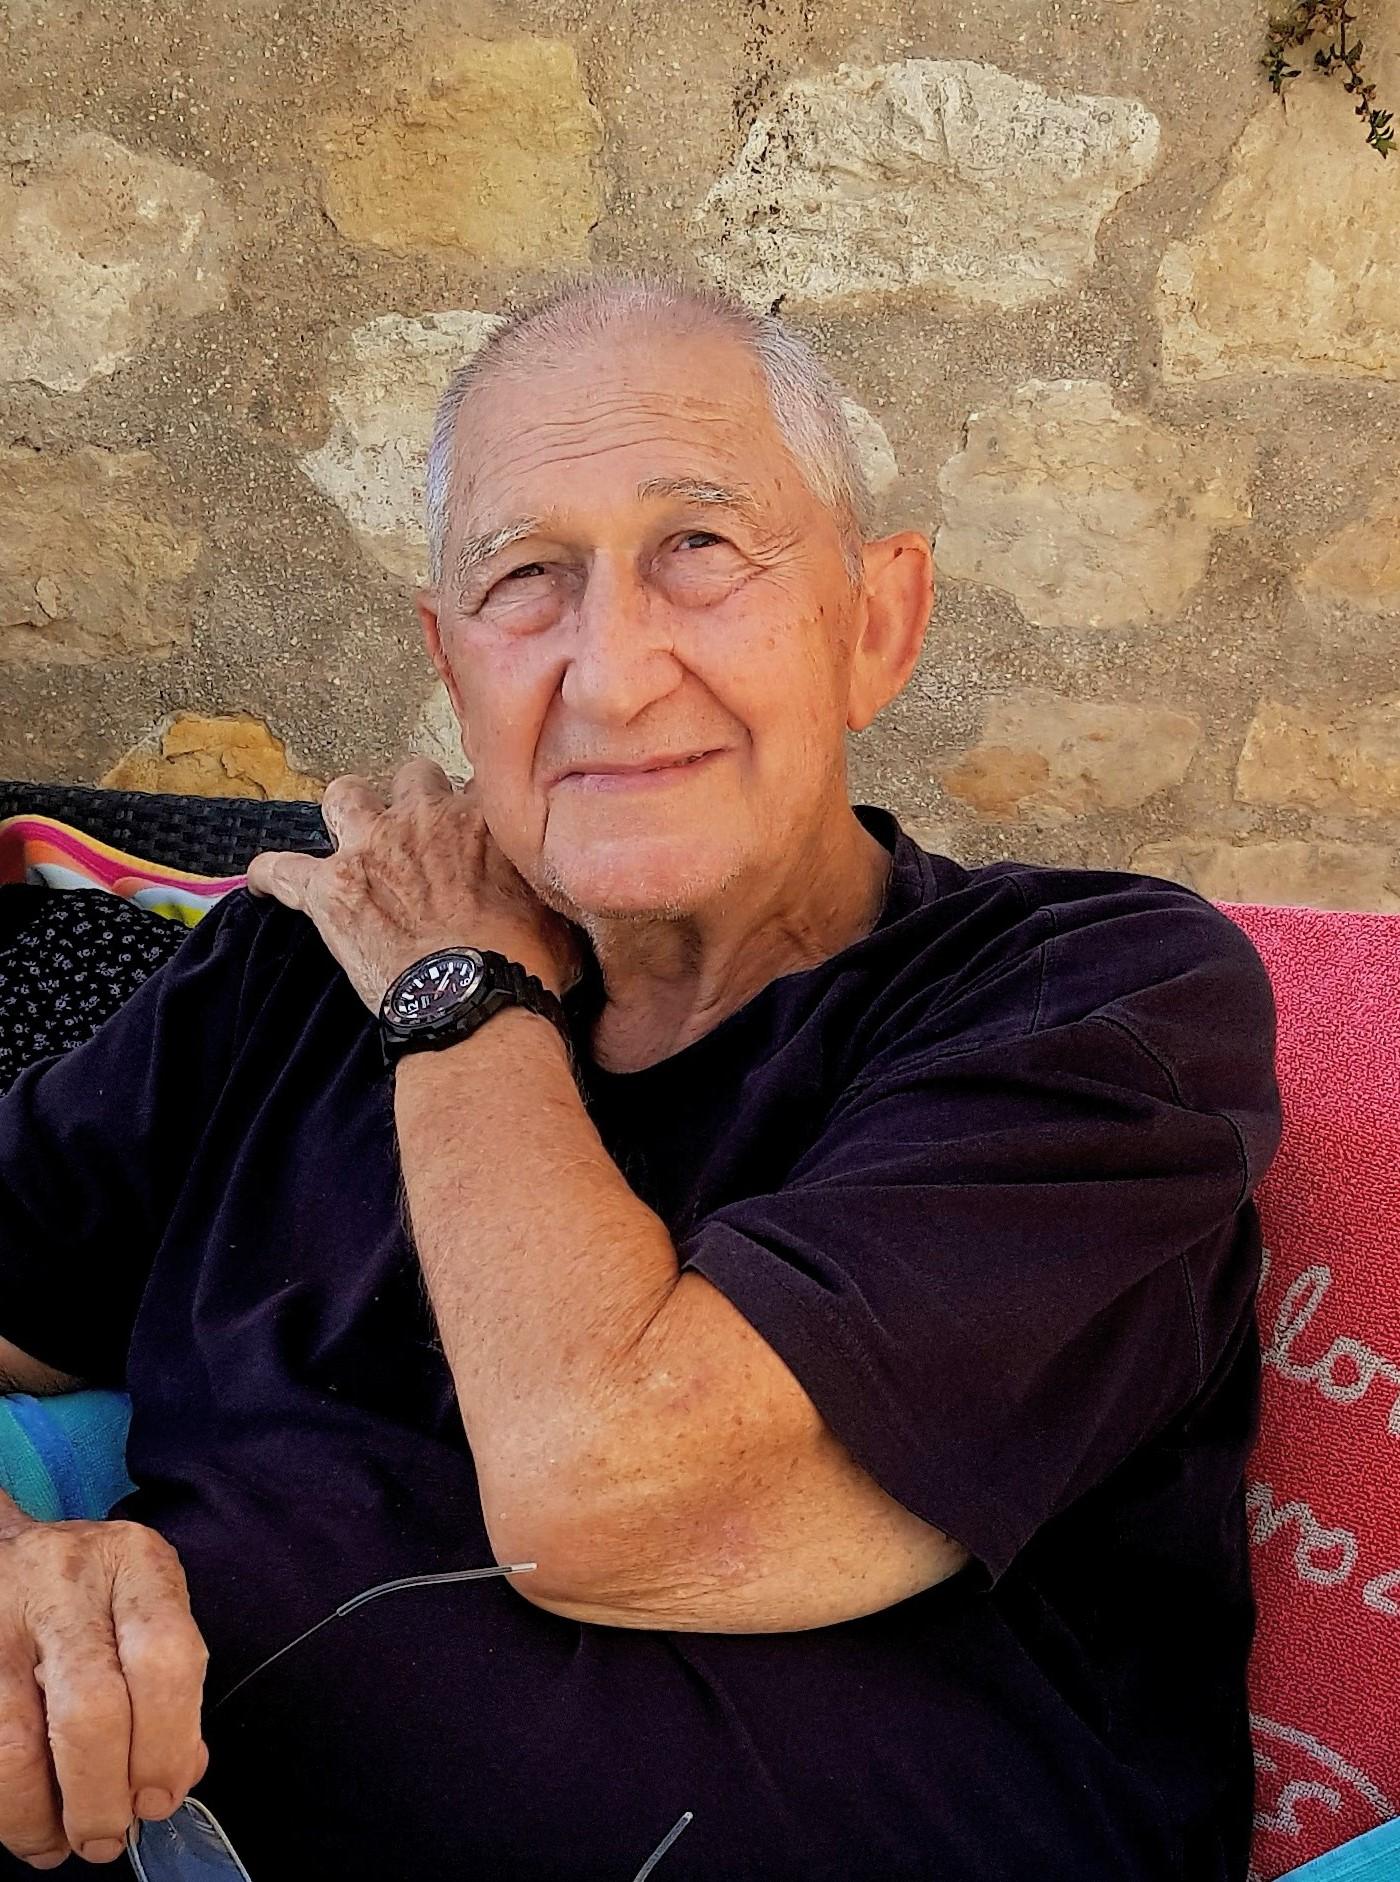 Roger Guilabert, né le 29 novembre à Alger, s'est éteint paisiblement ce 20 avril 2020 à Paris /crédit photo DR